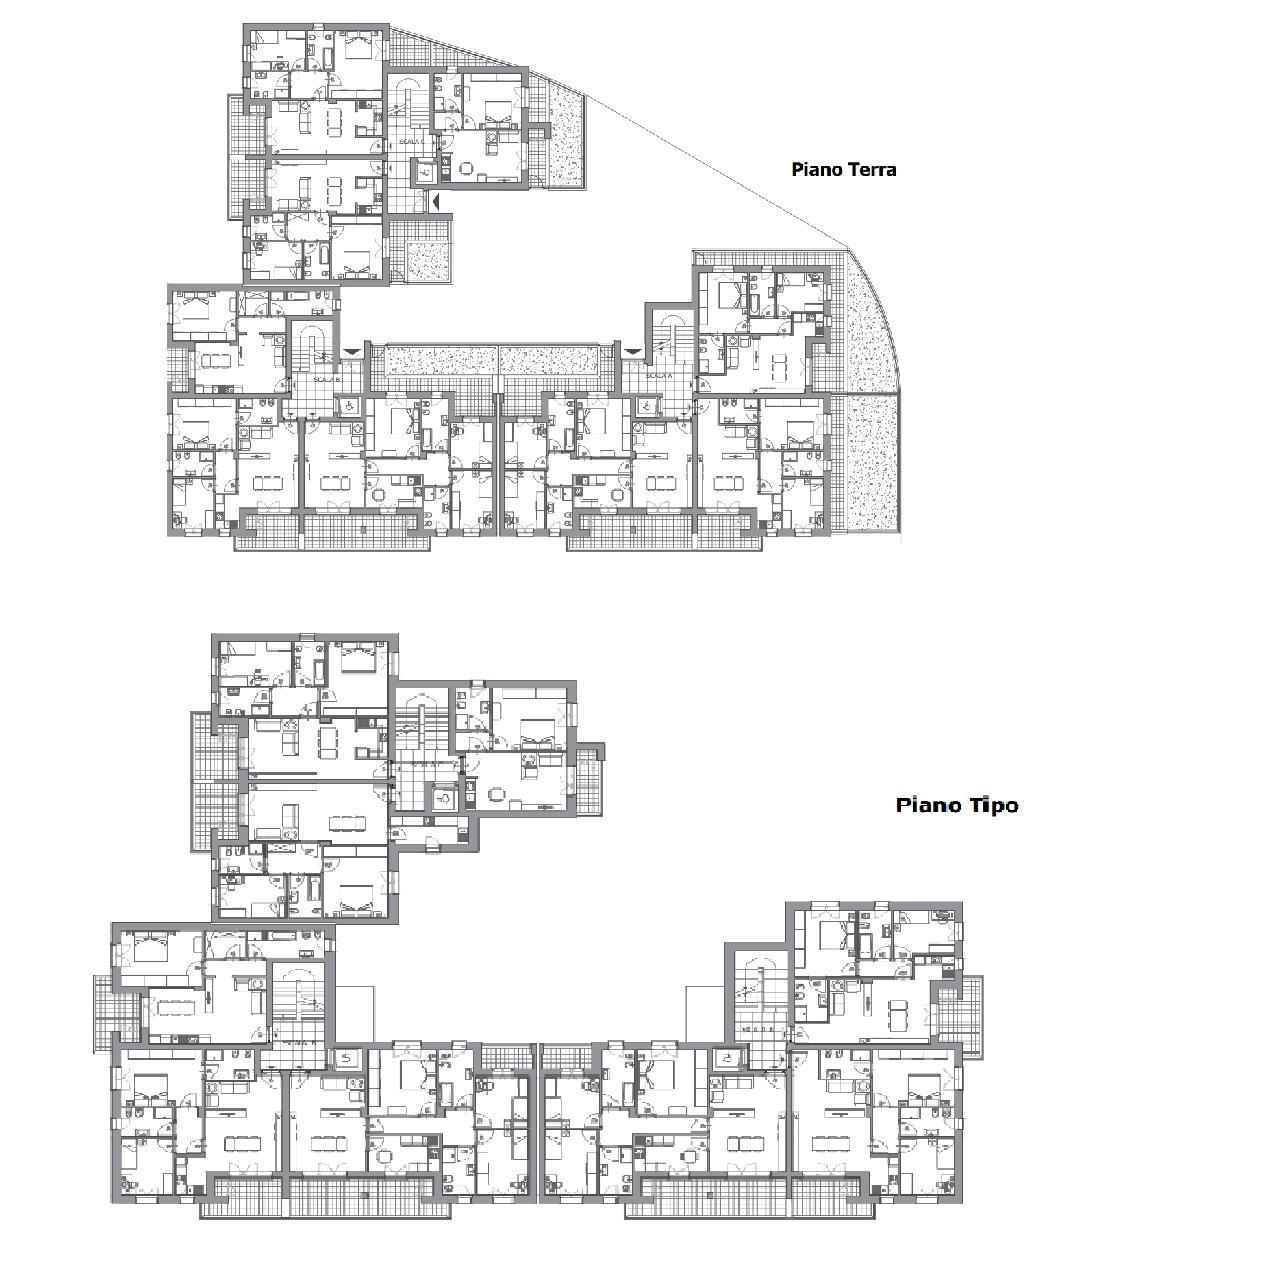 Appartamento VITERBO vendita  Semicentro  Coldwell Banker Liberty